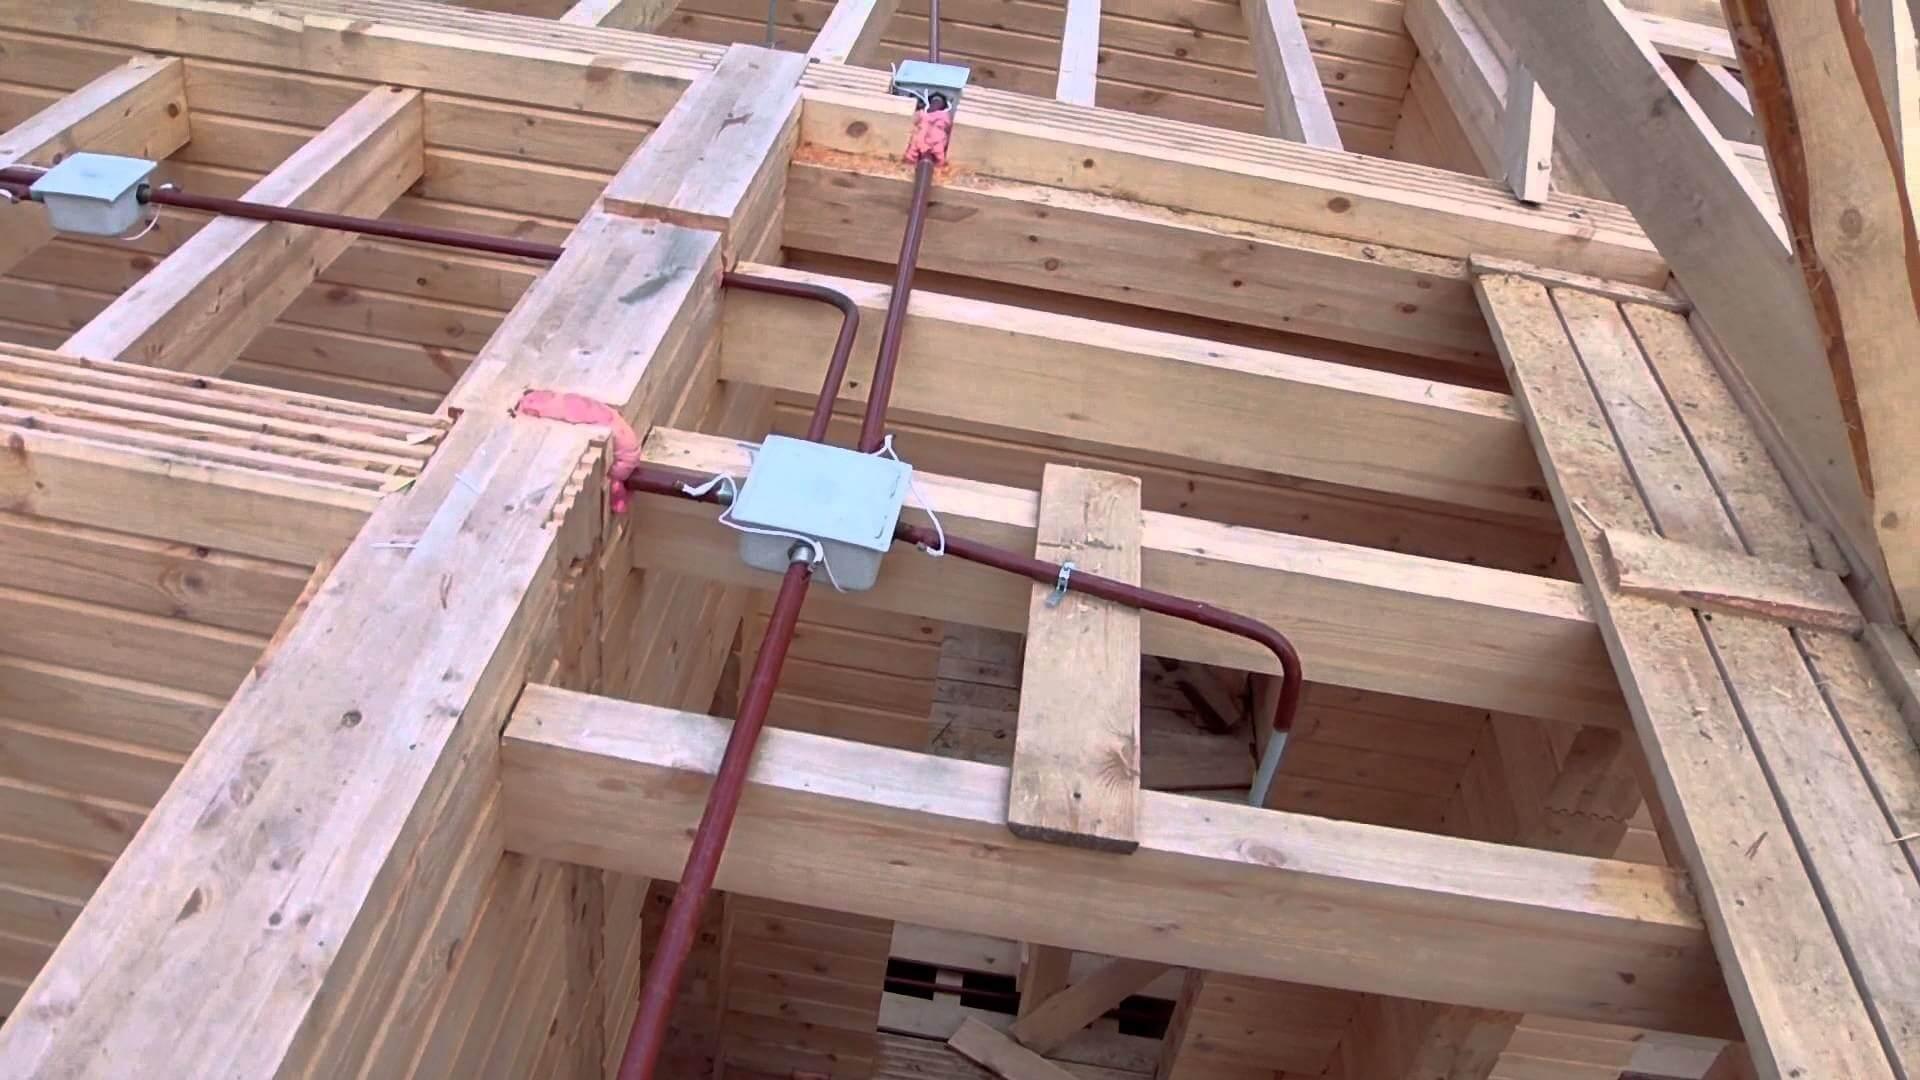 Электропроводка в трубах — основные способы монтажа